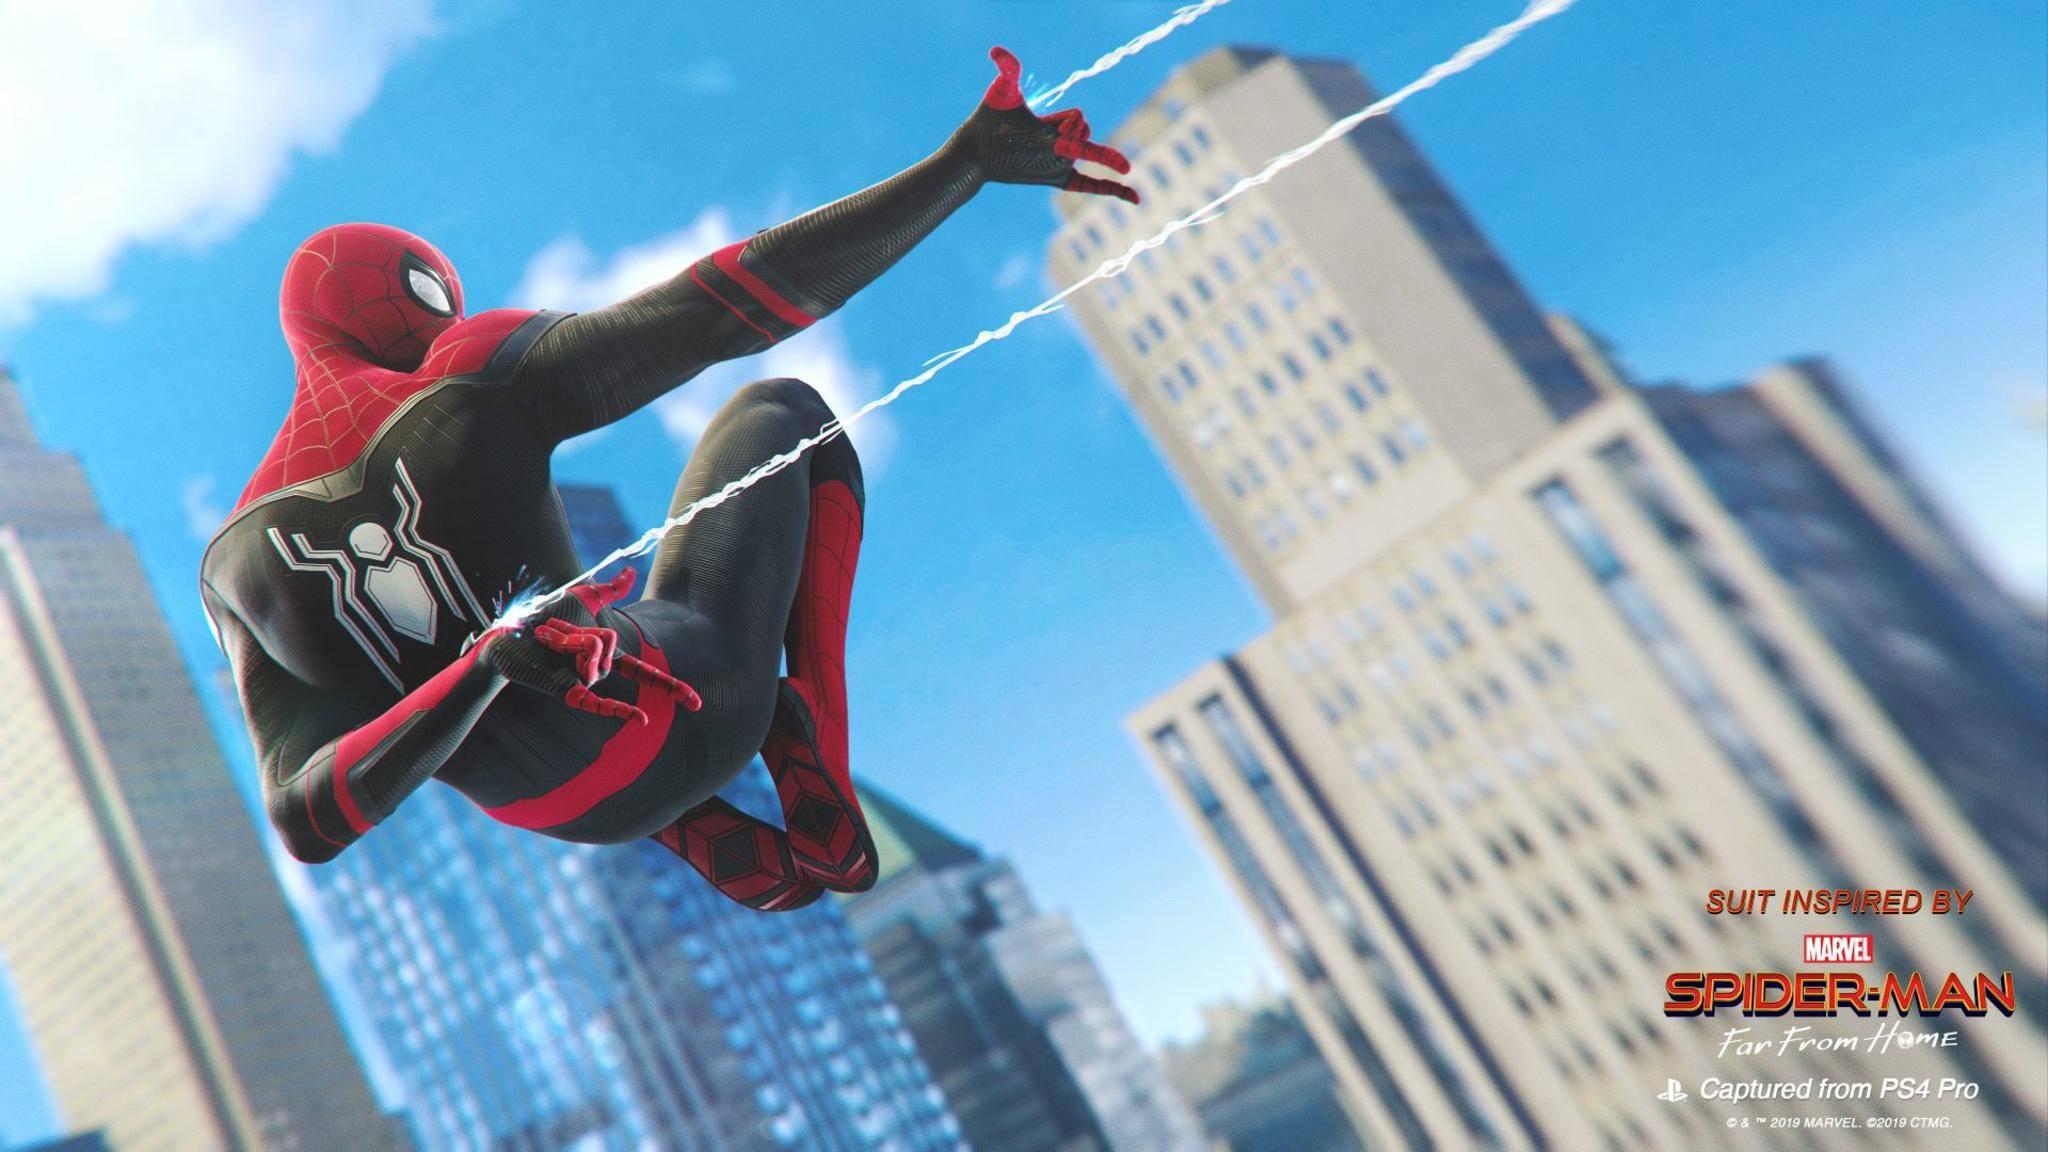 Spider-Man ist übrigens der profitabelste Comic-Superheld der Welt – weit vor Superman oder Batman.